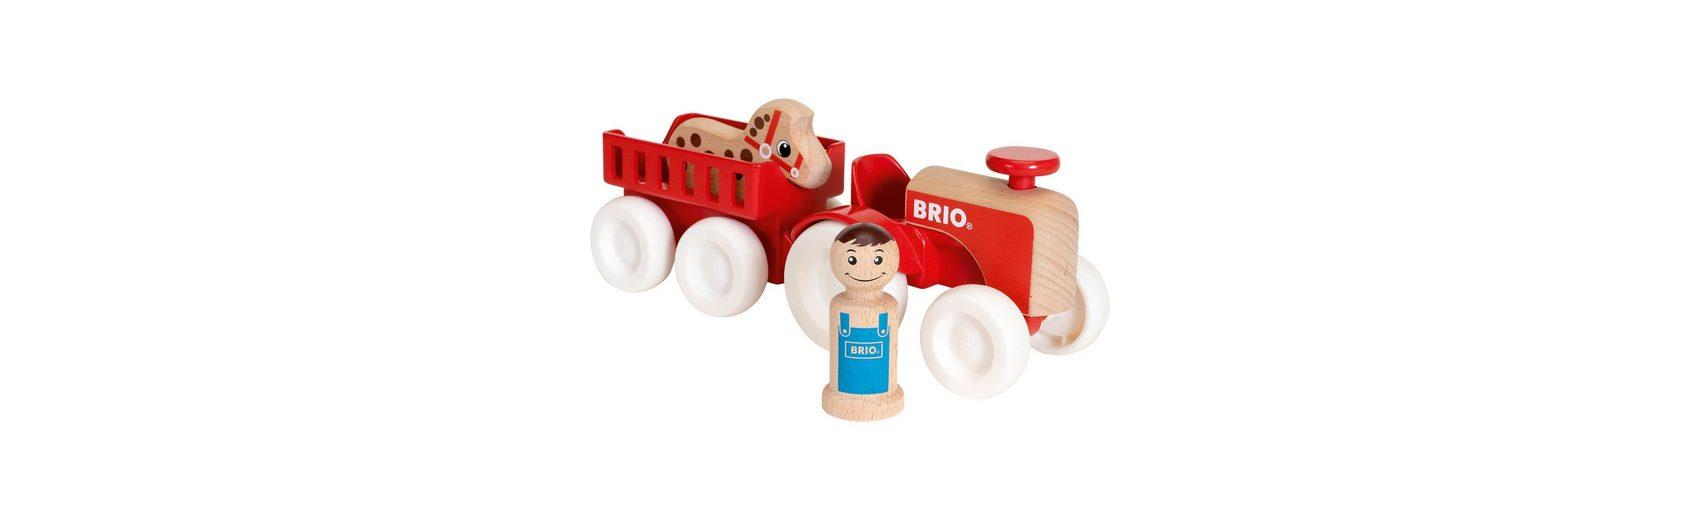 BRIO Traktor mit Pferde-Anhänger